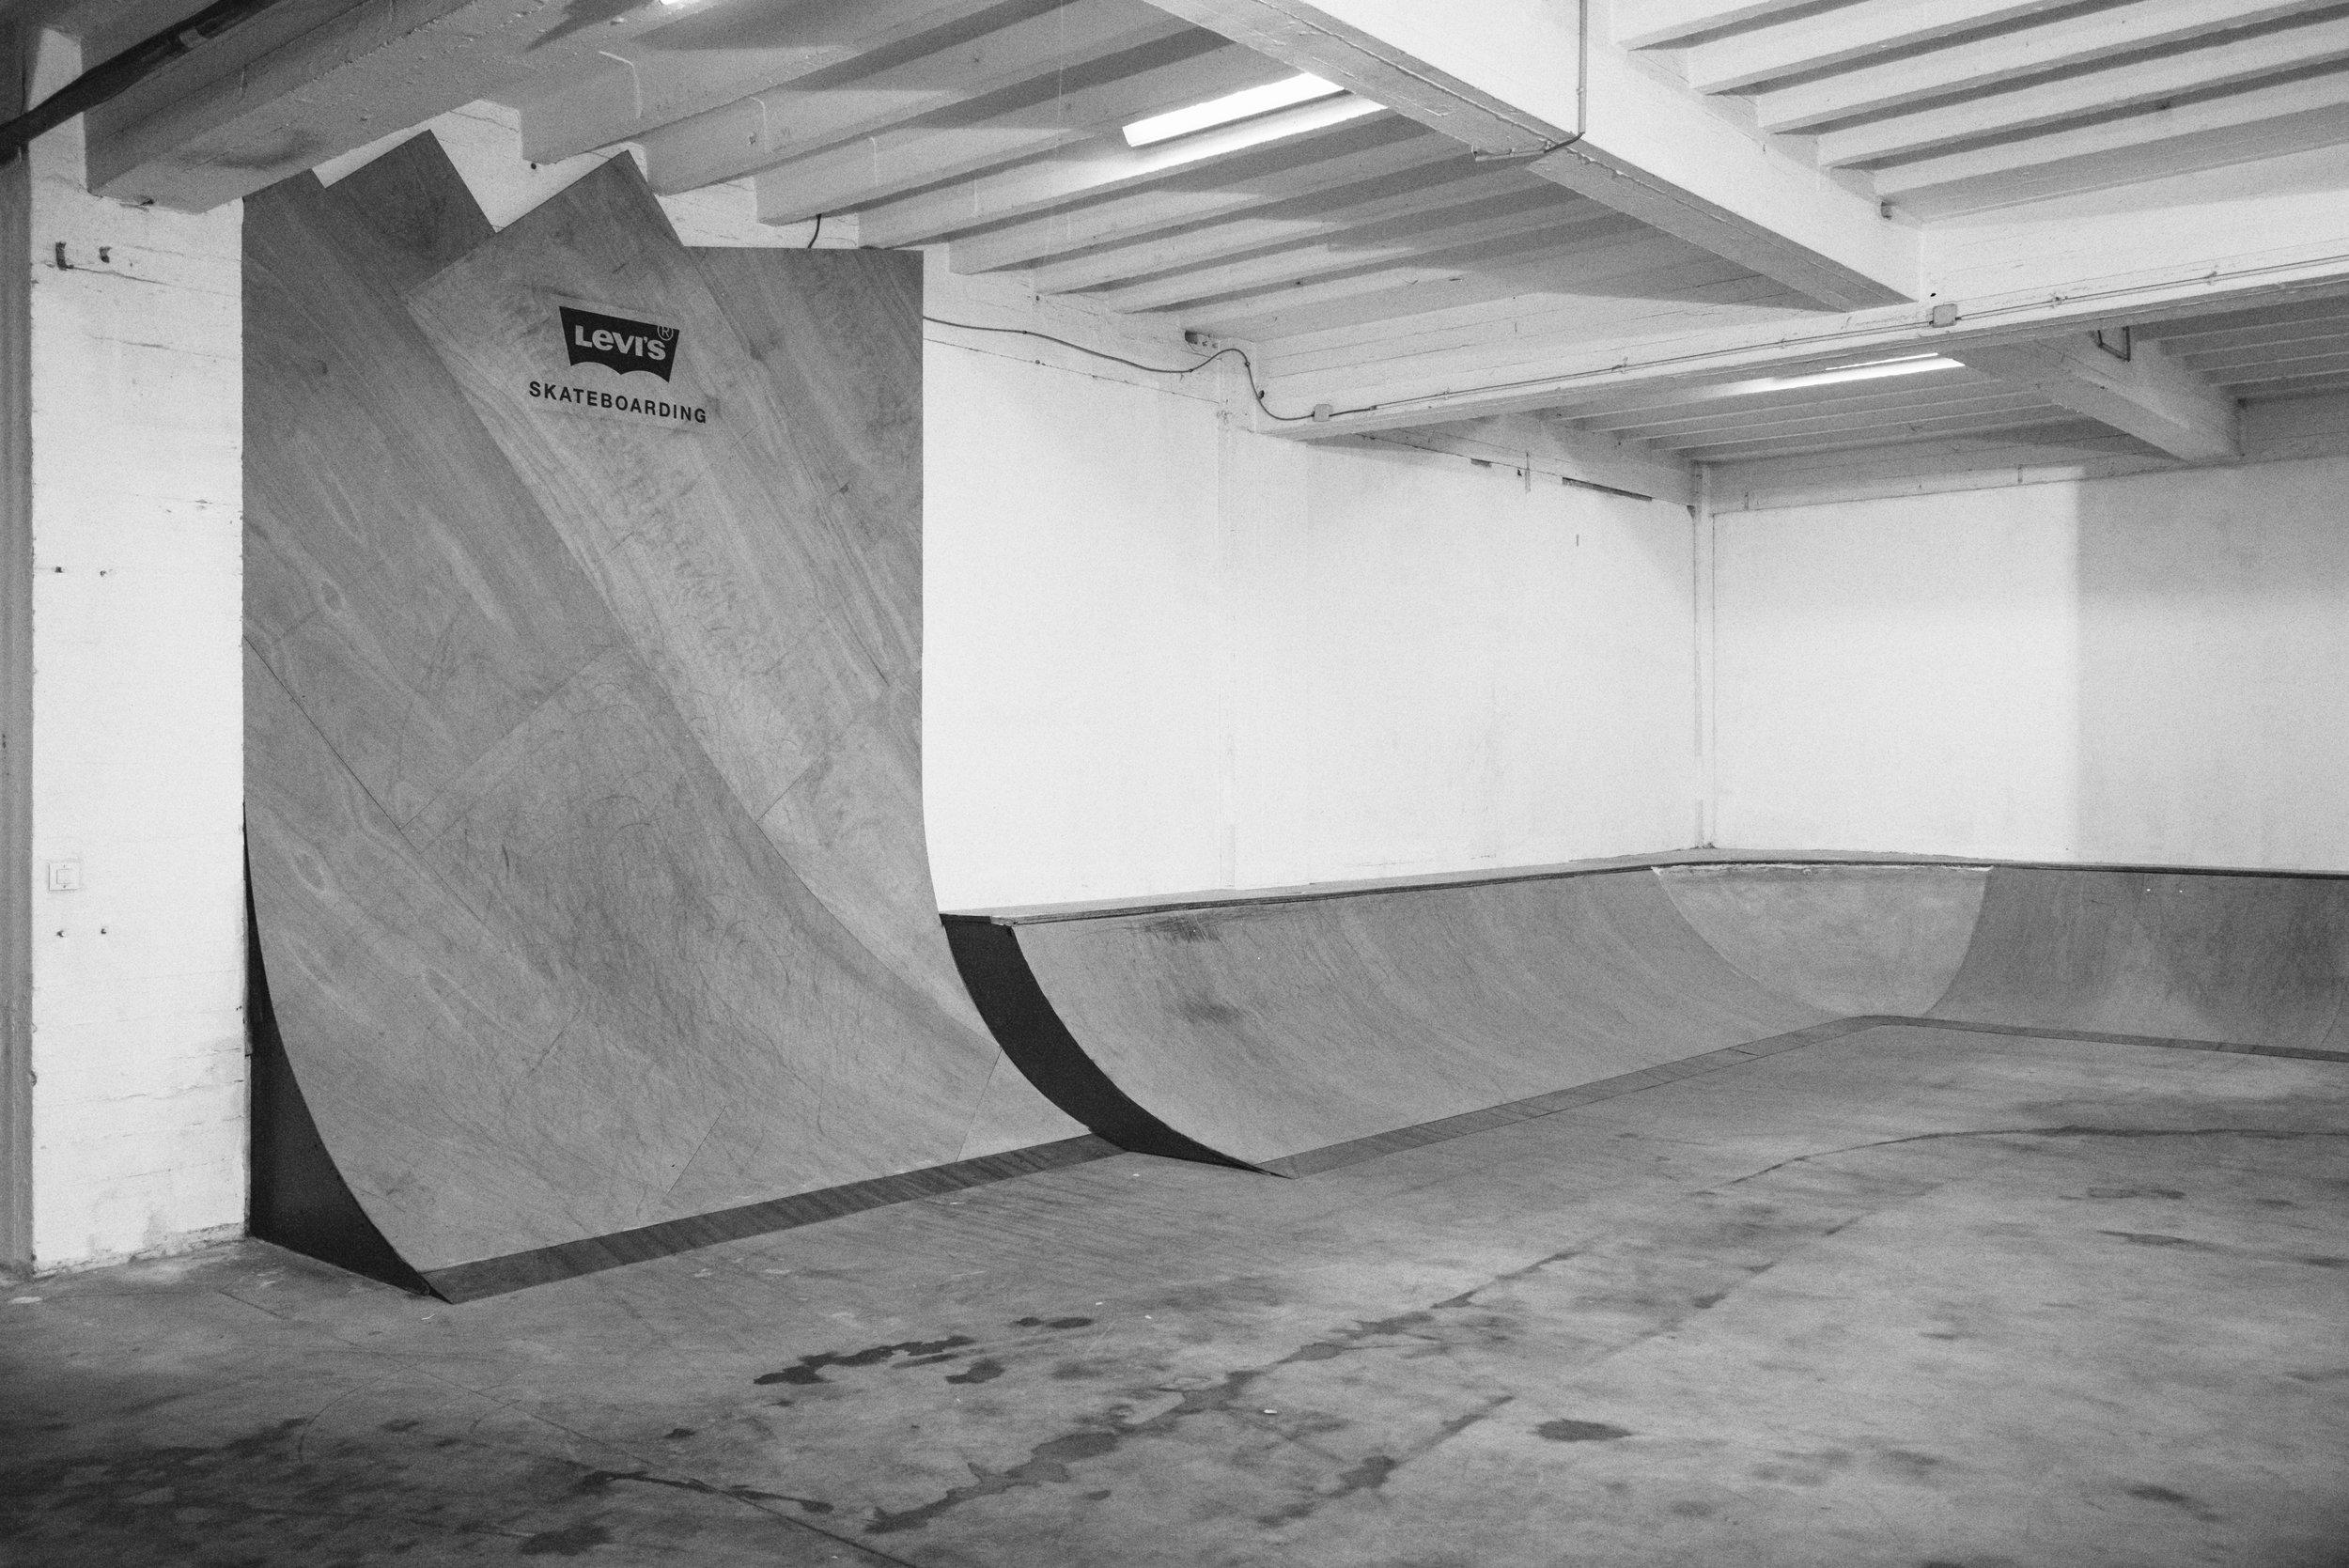 MV170506_Bruxelles_Skate_Levis_048-2.jpg